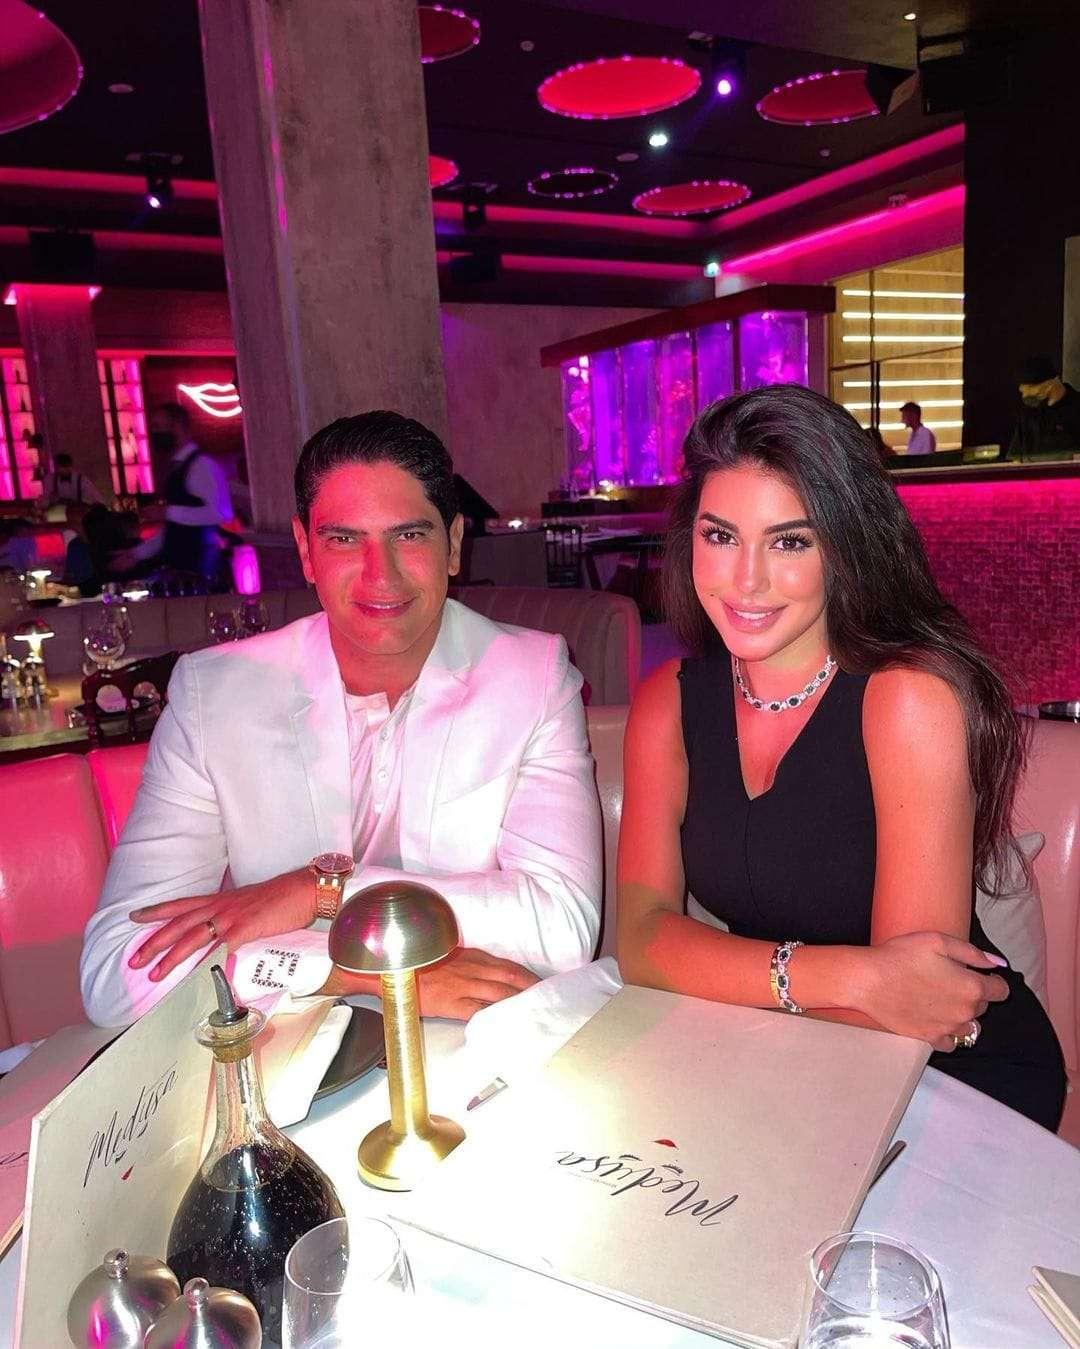 عشاء رومانسي يجمع ياسمين صبري وأحمد أبو هشيمة